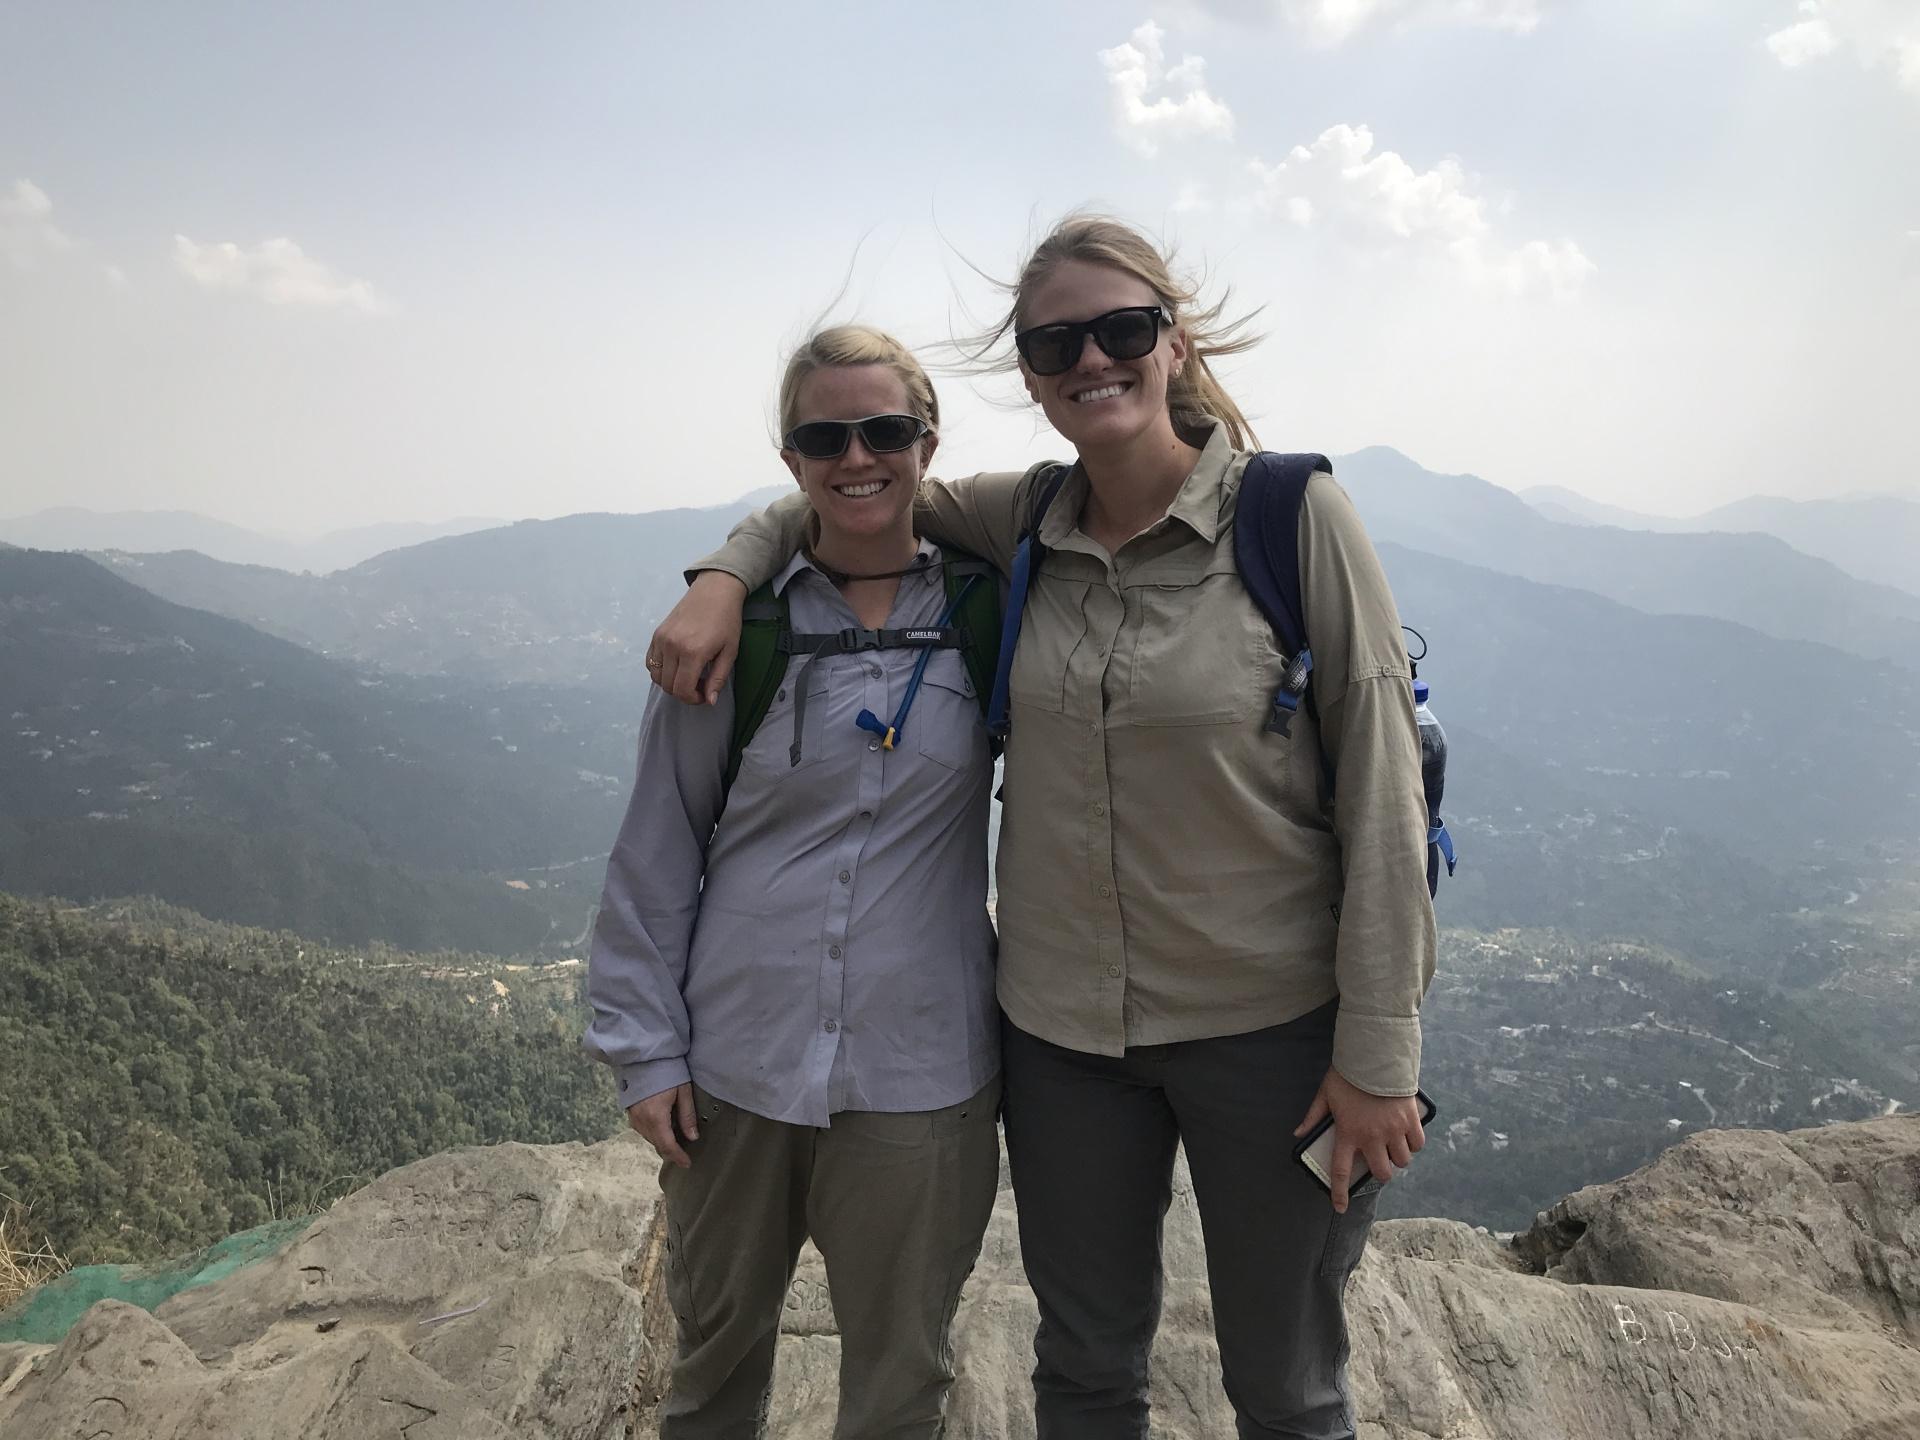 Dr. Muenich & Ellie in Uttrakahand